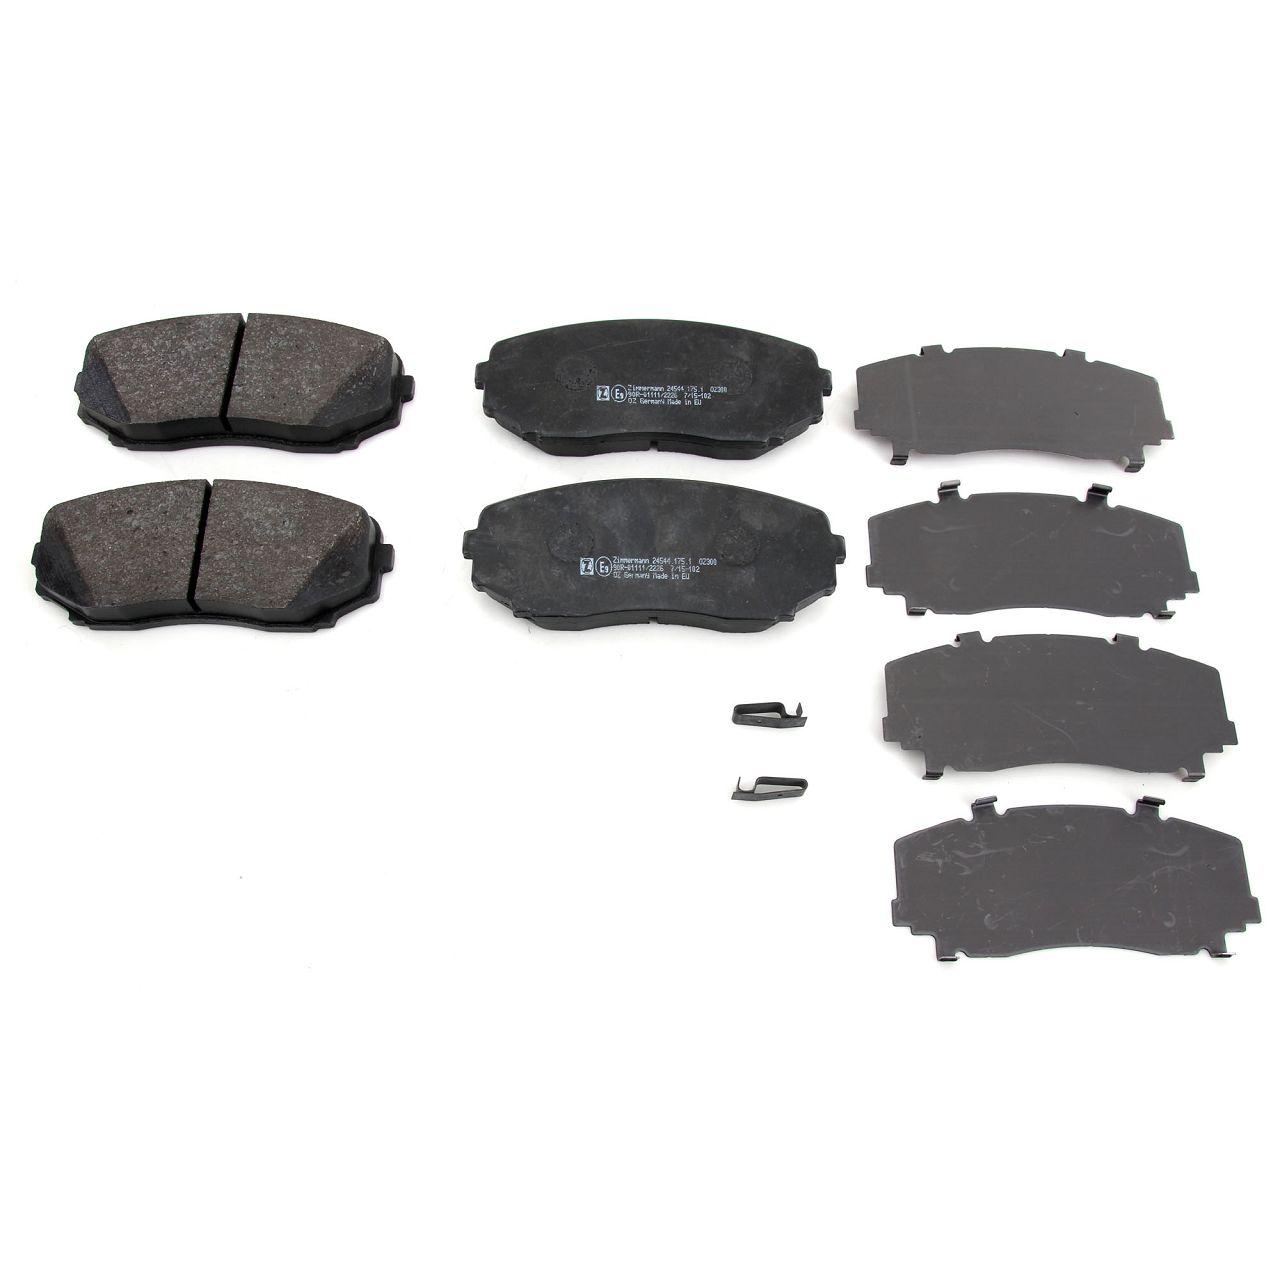 ZIMMERMANN Bremsen Bremsscheiben + Bremsbeläge + Wako für Mazda CX-7 (ER) vorne